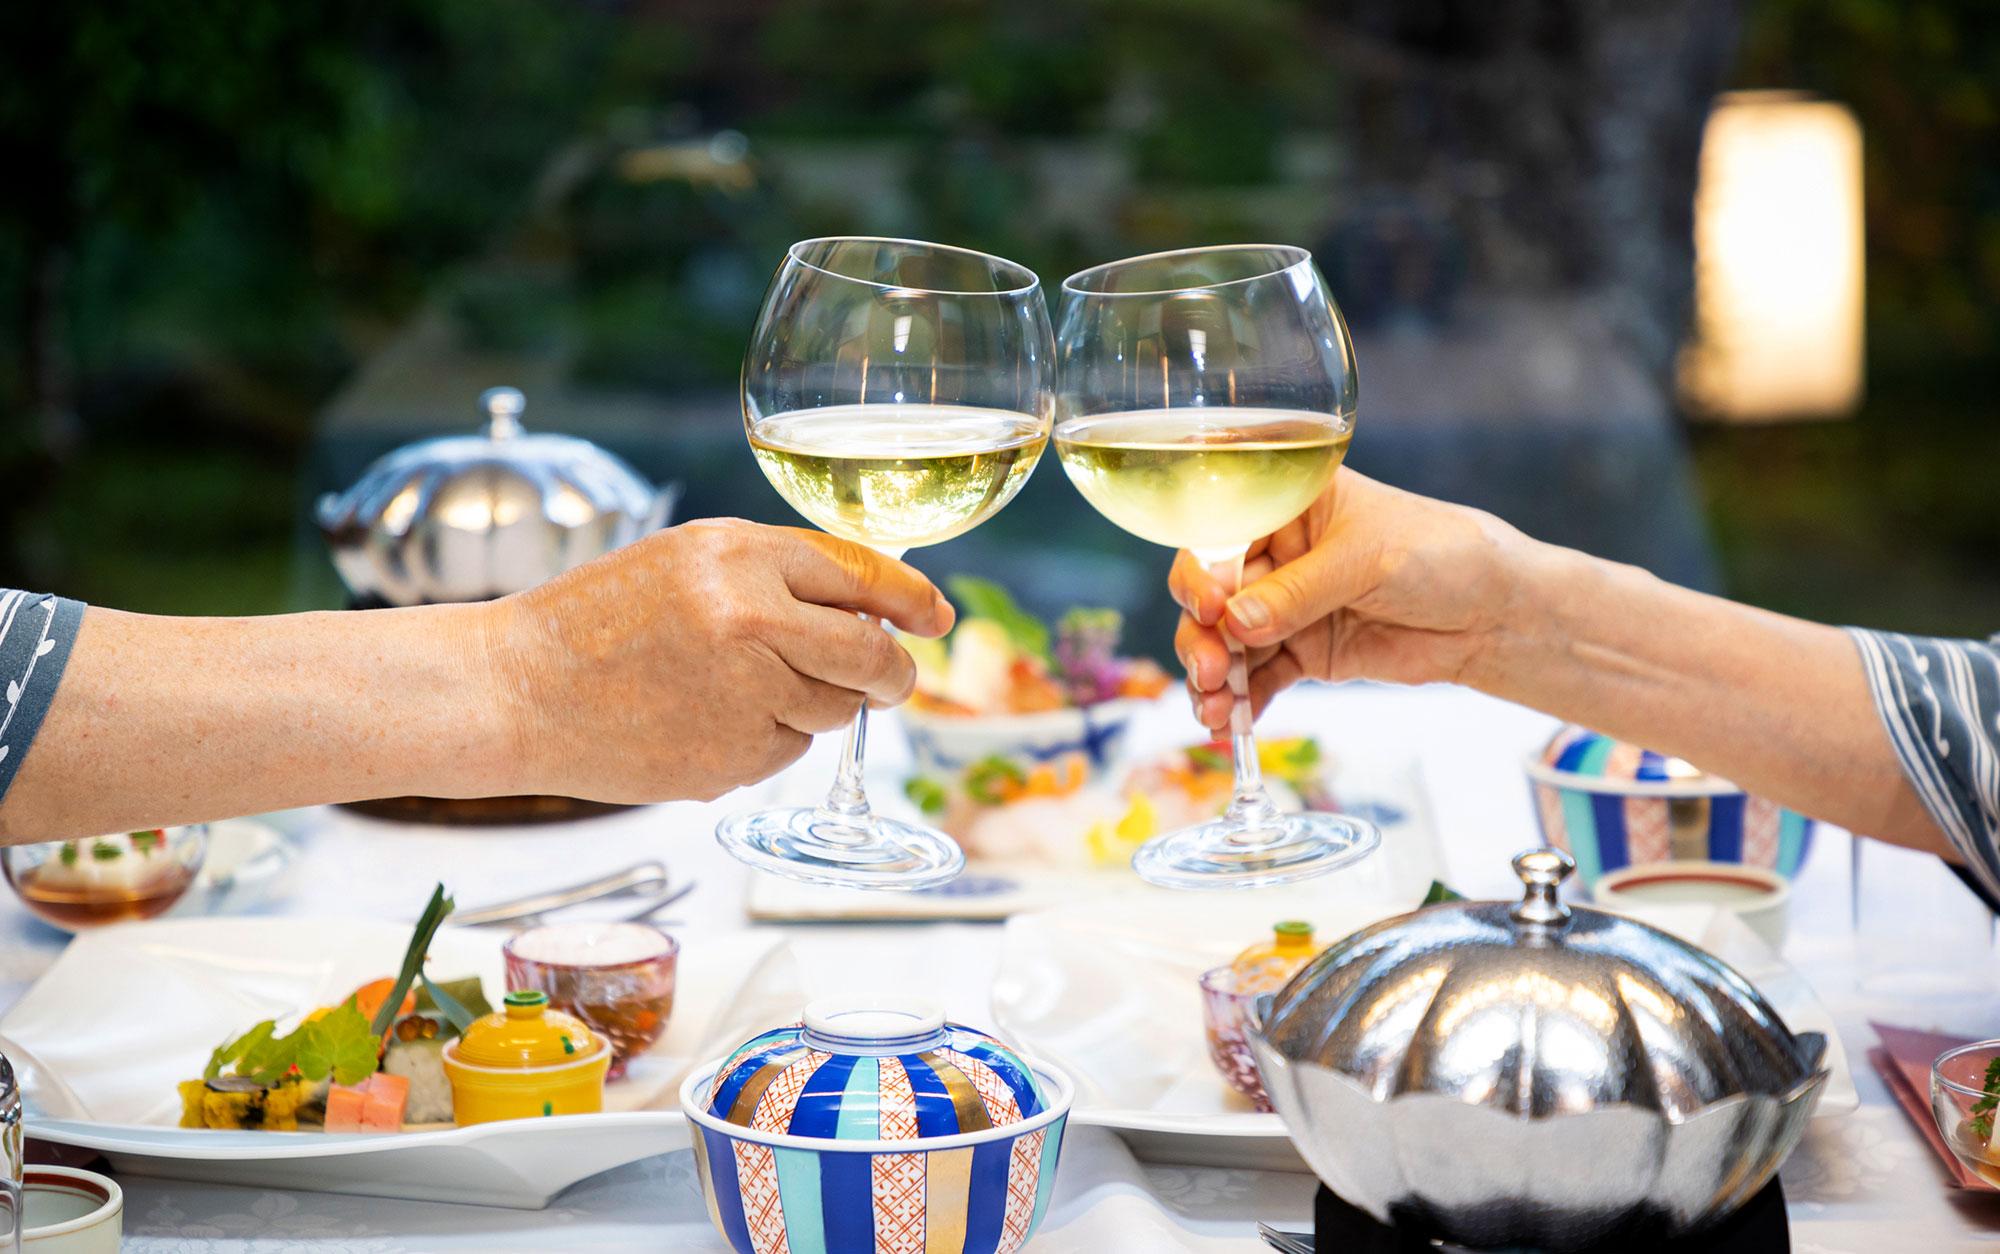 7月 ワイングラス - 山口県 萩市|世界遺産[萩城下町]唯一の旅館 萩城三の丸 北門屋敷